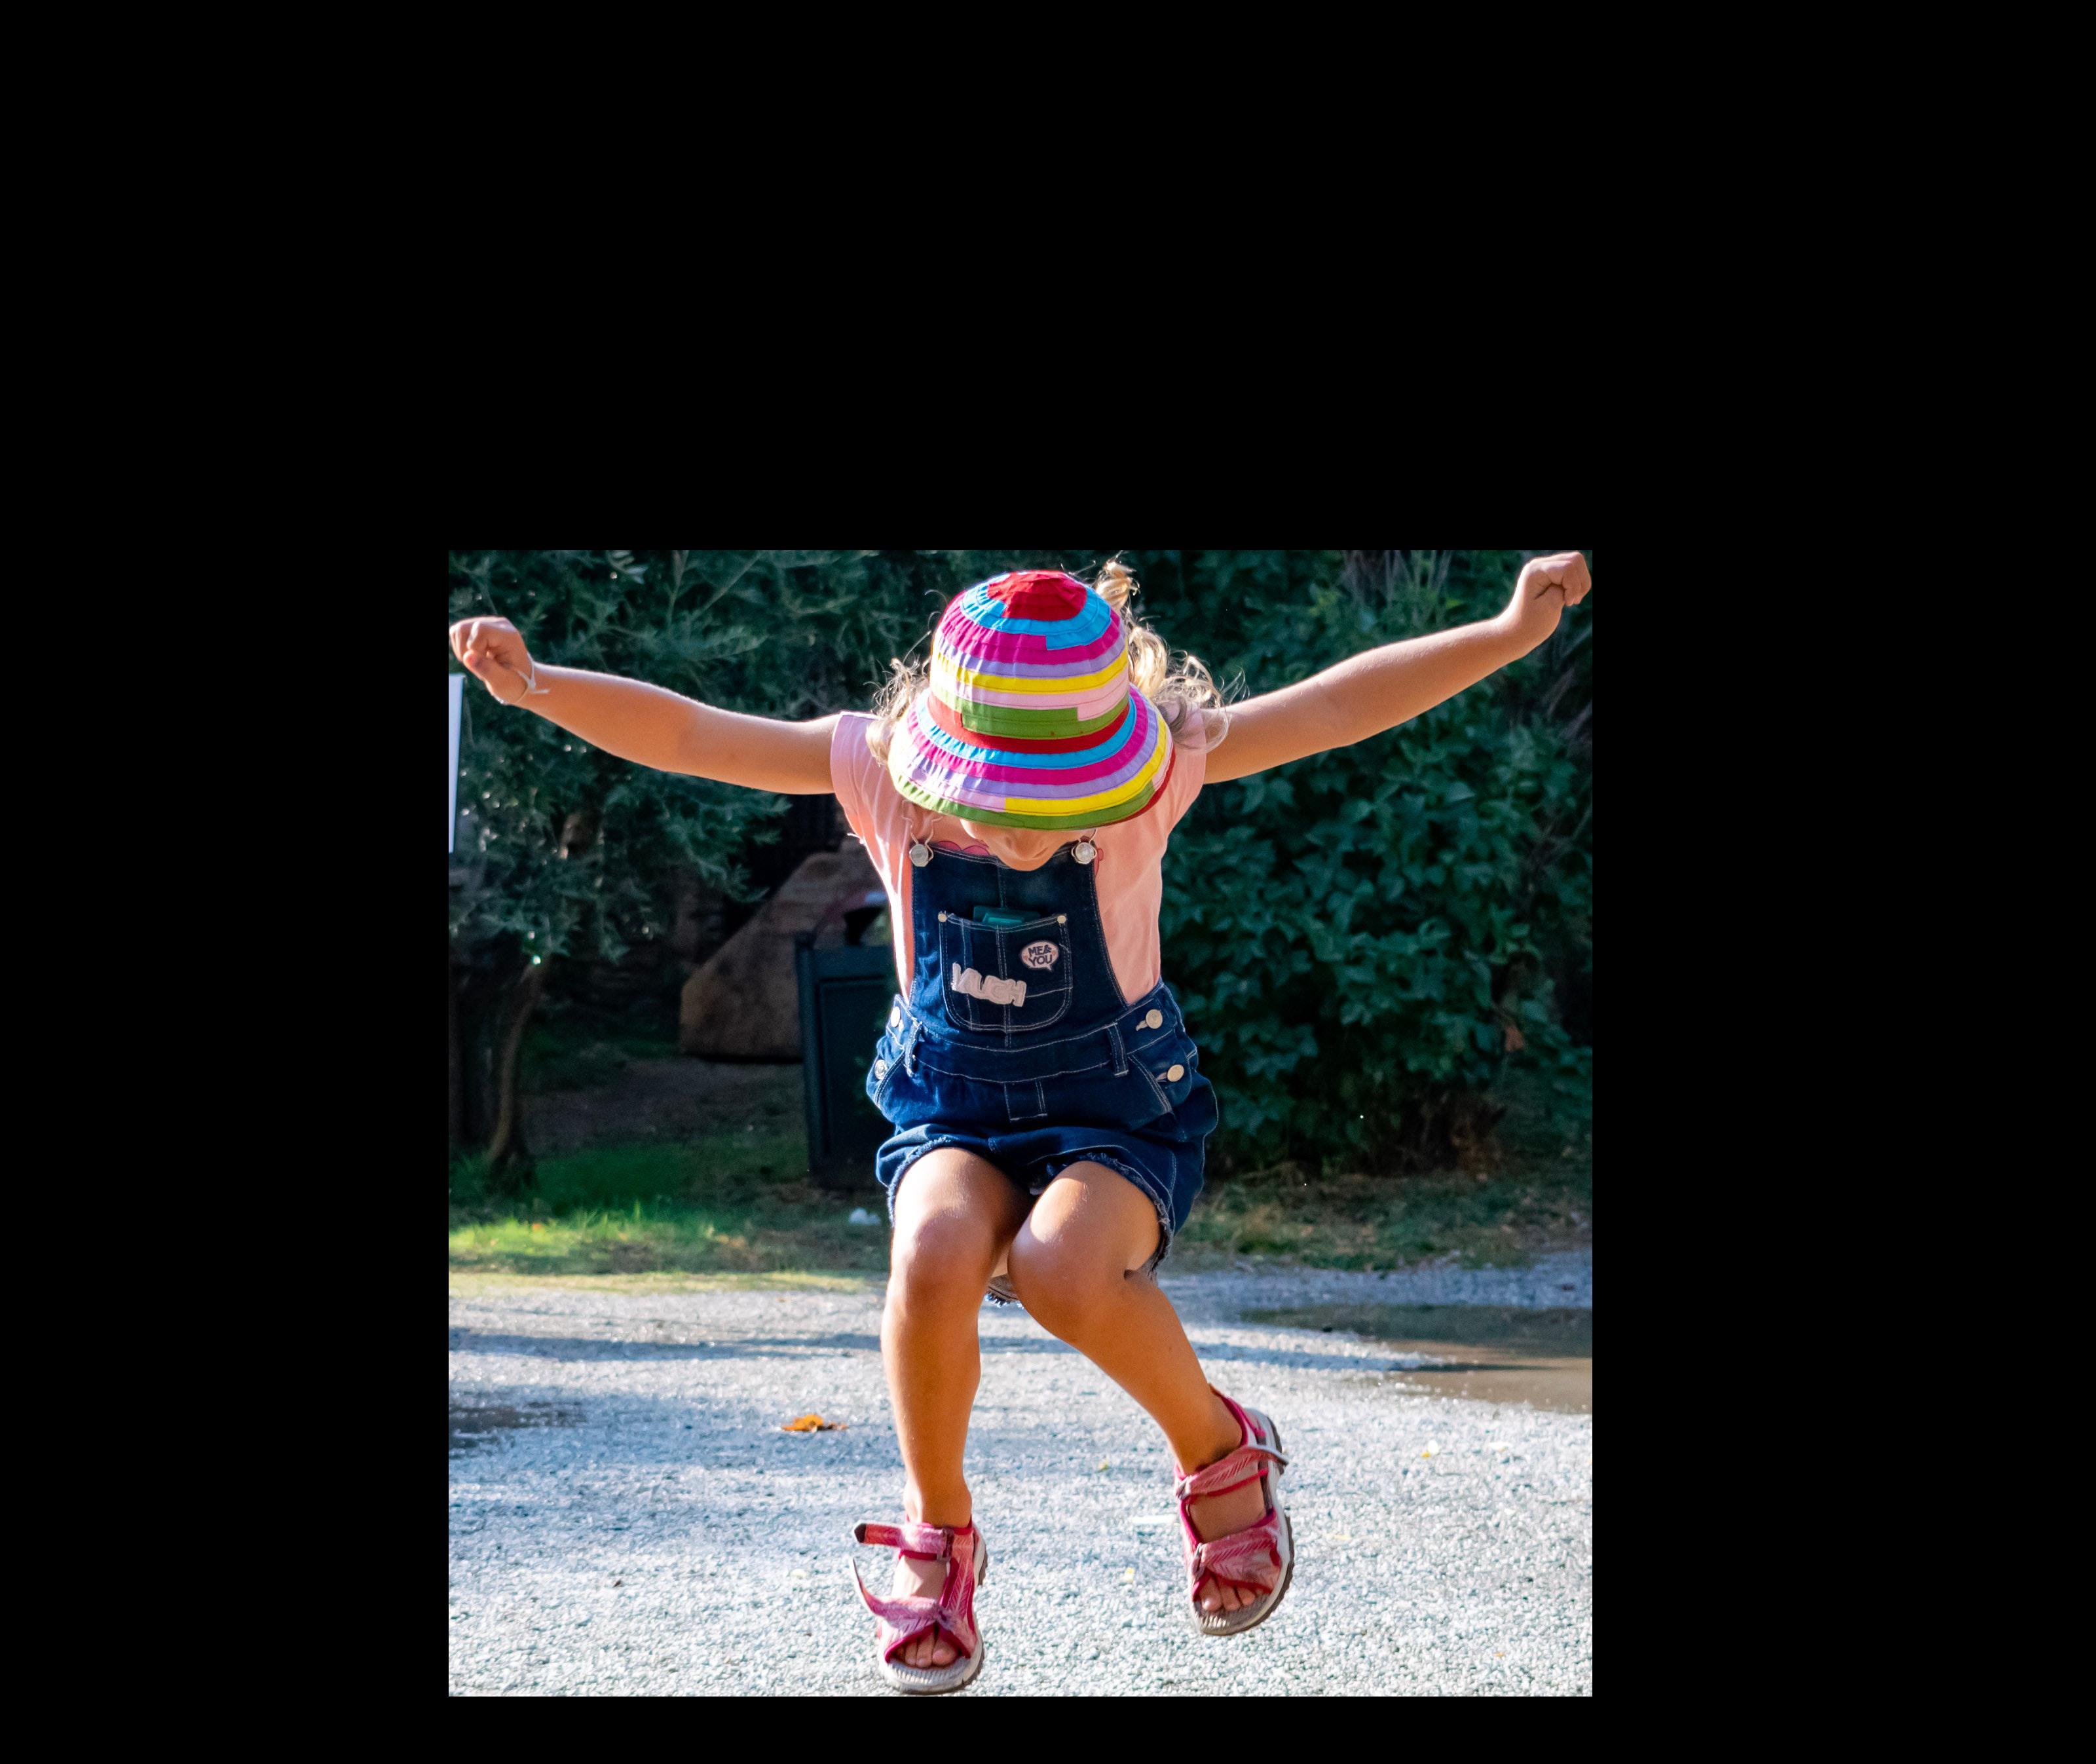 Tonis Hüpfburg - Springendes Mädchen